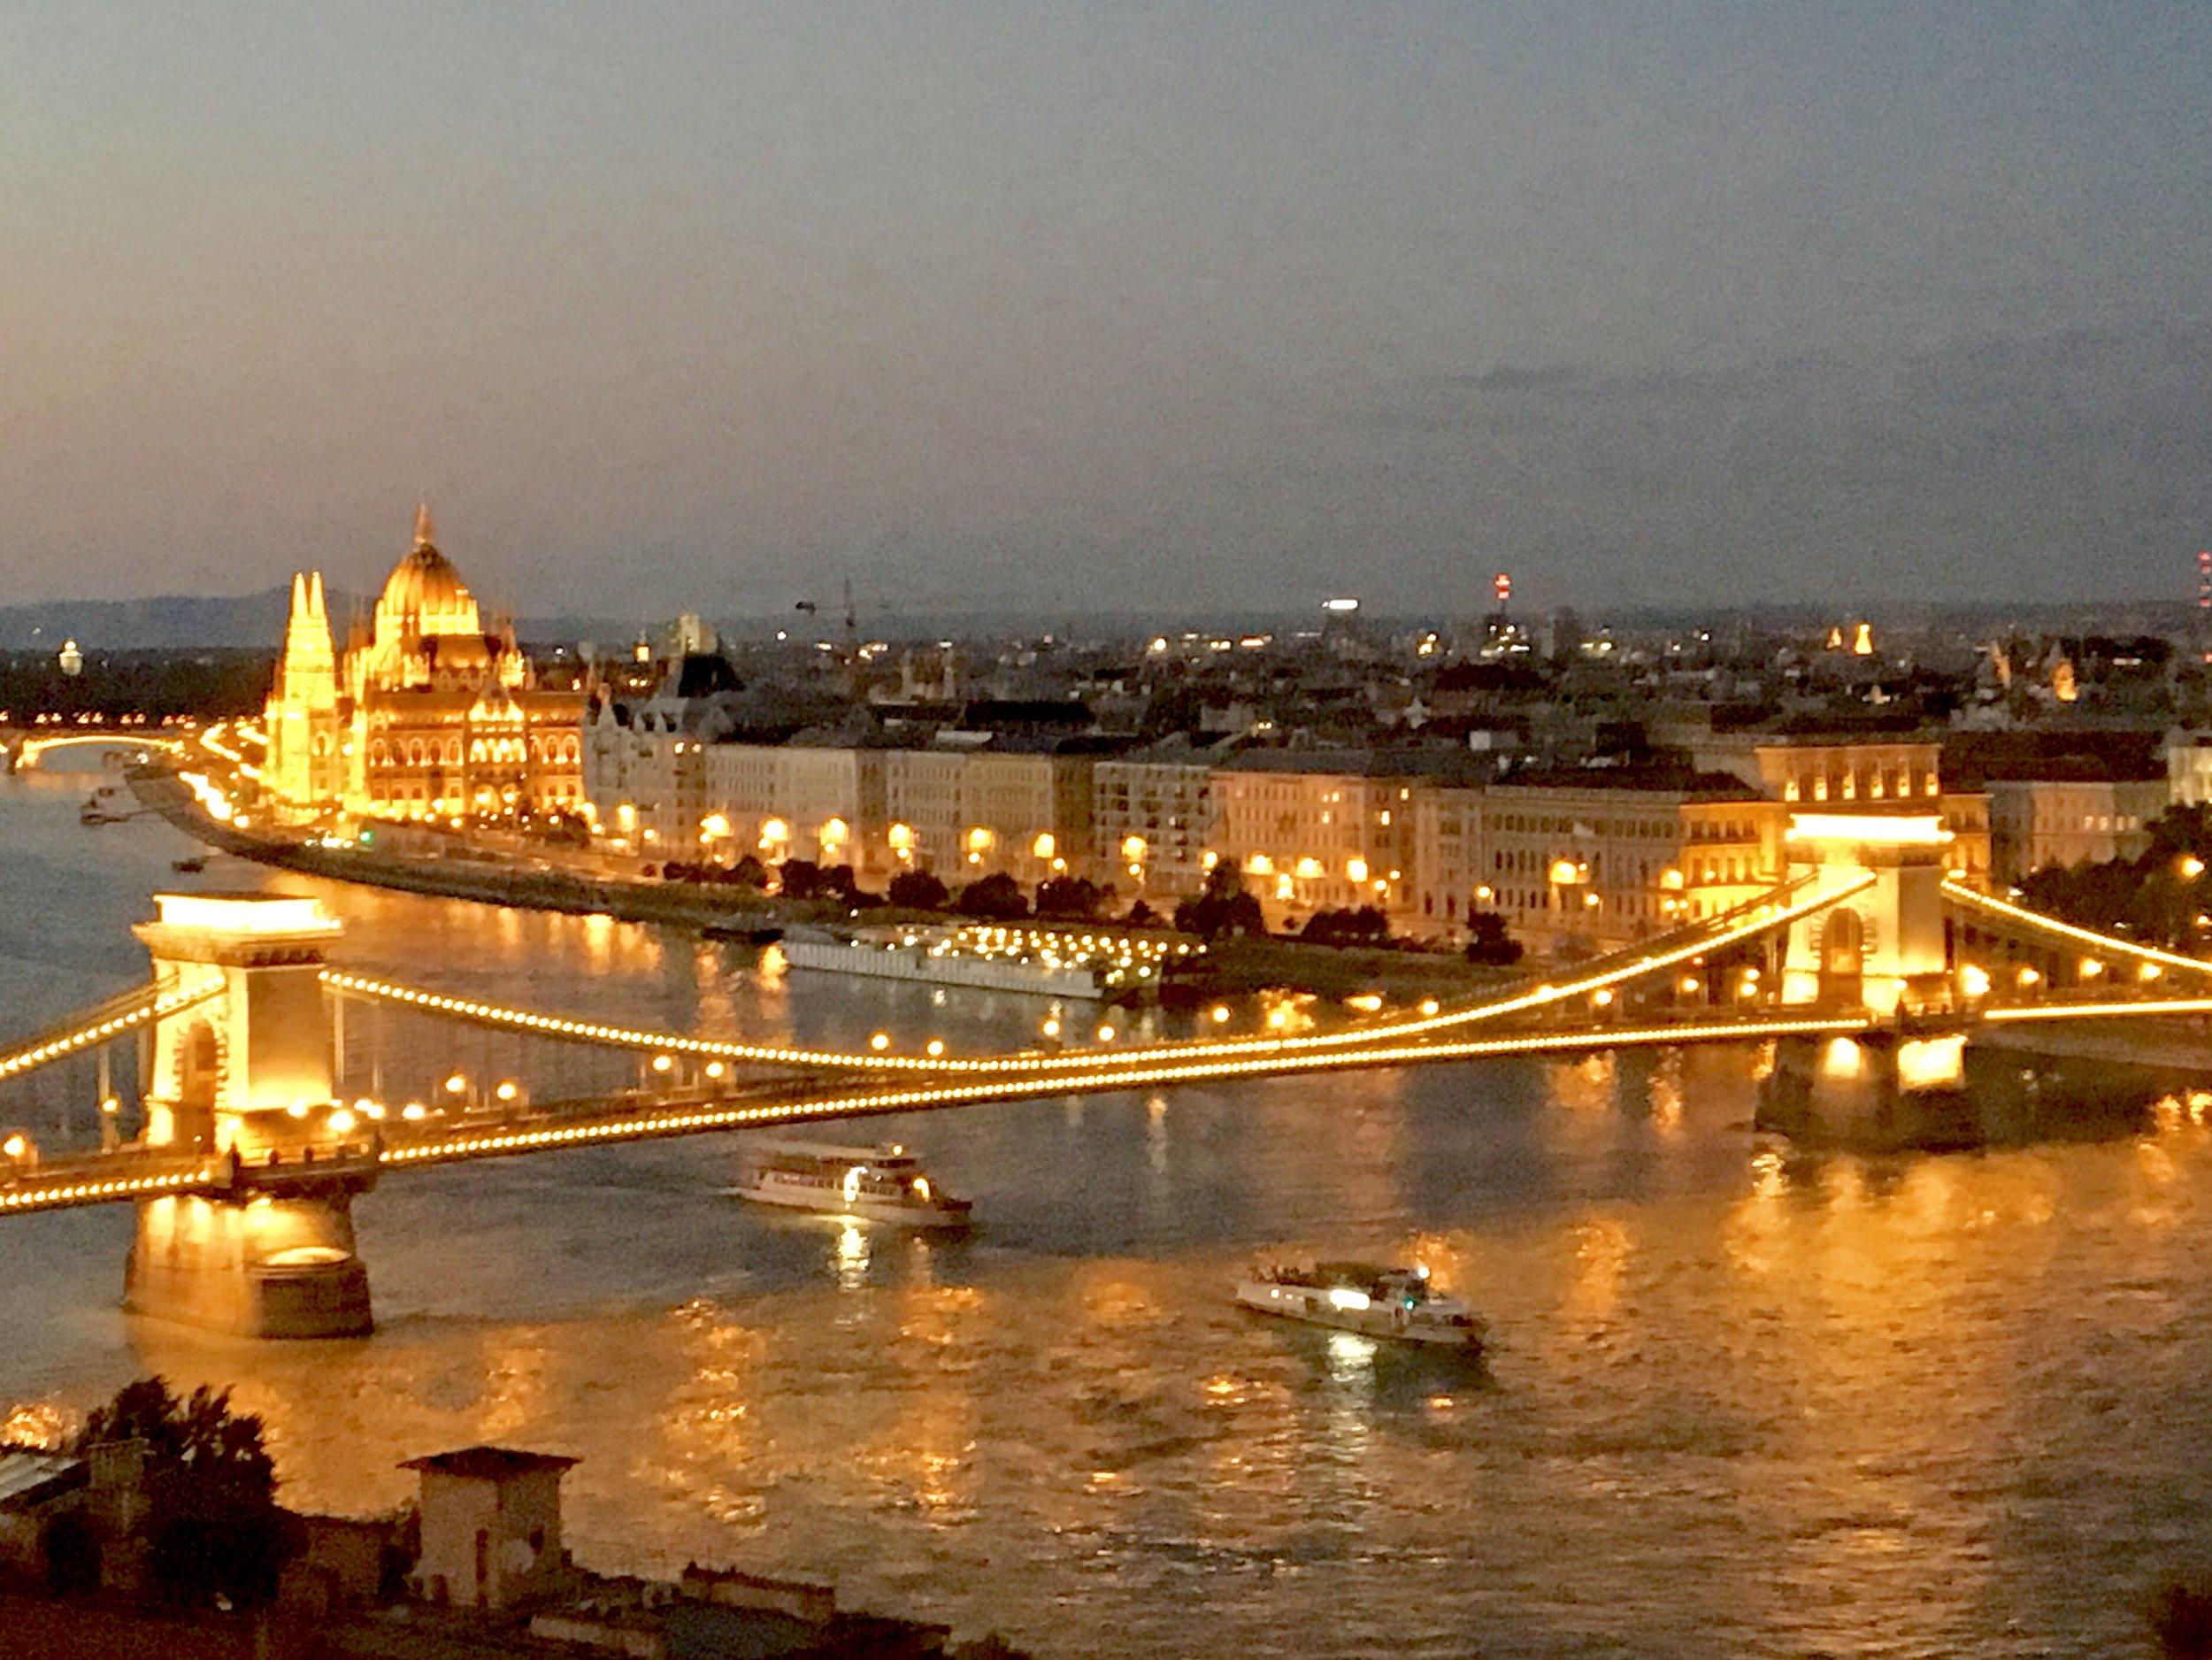 In Buda overlooking Pest